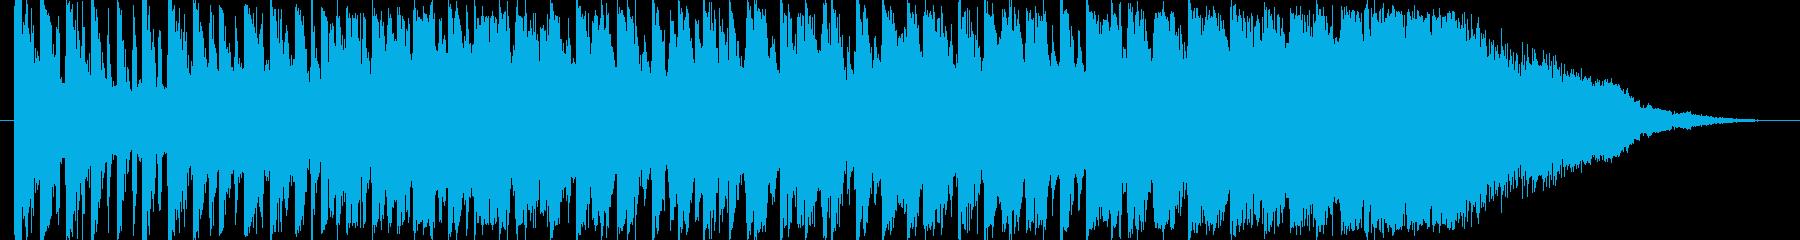 スイングスタイルのホーンと1980...の再生済みの波形